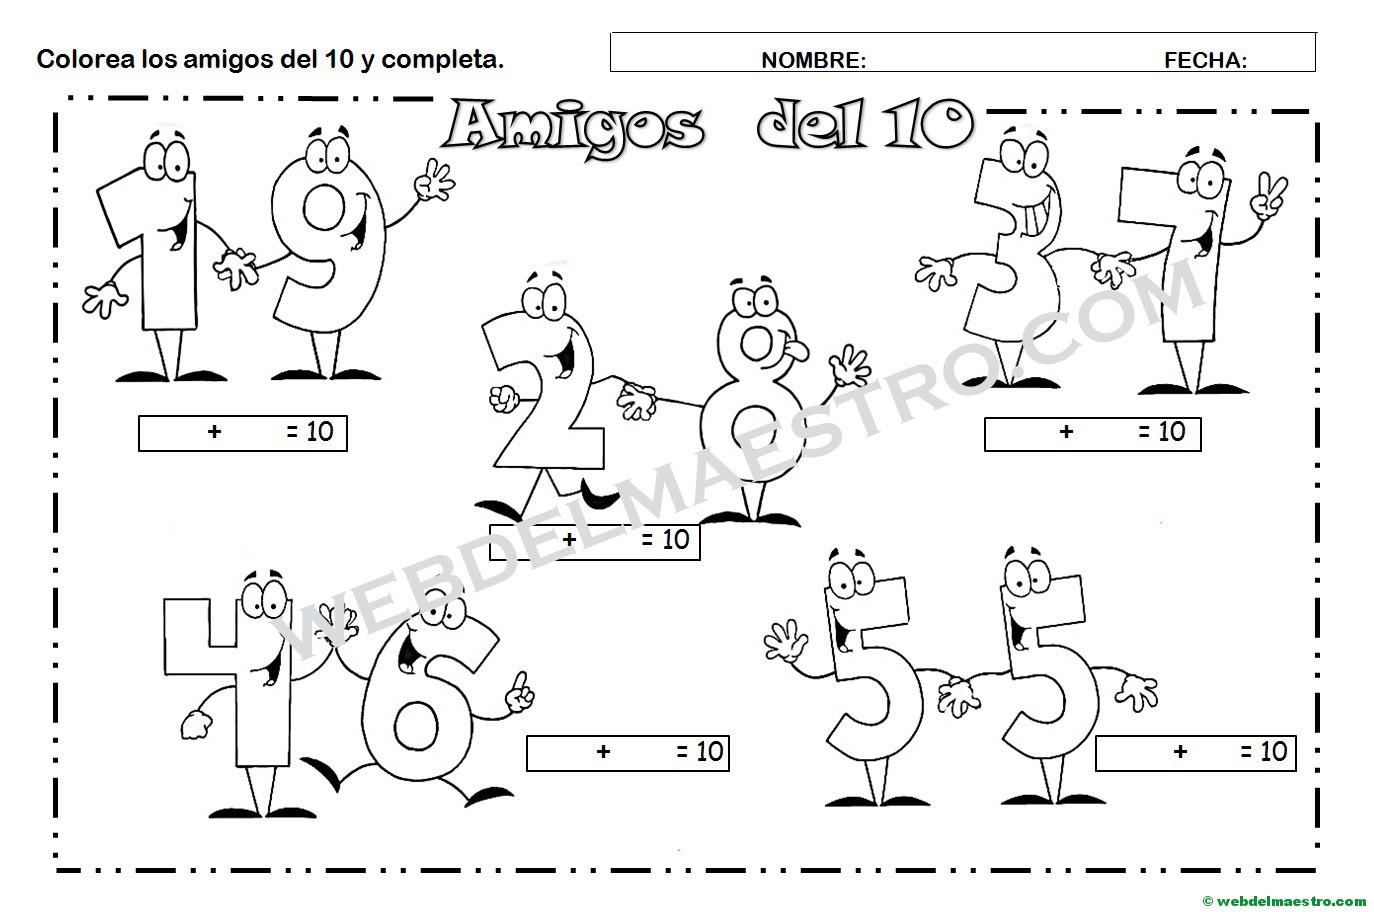 Los Amigos Del 10 Para Colorear Y Completar Web Del Maestro